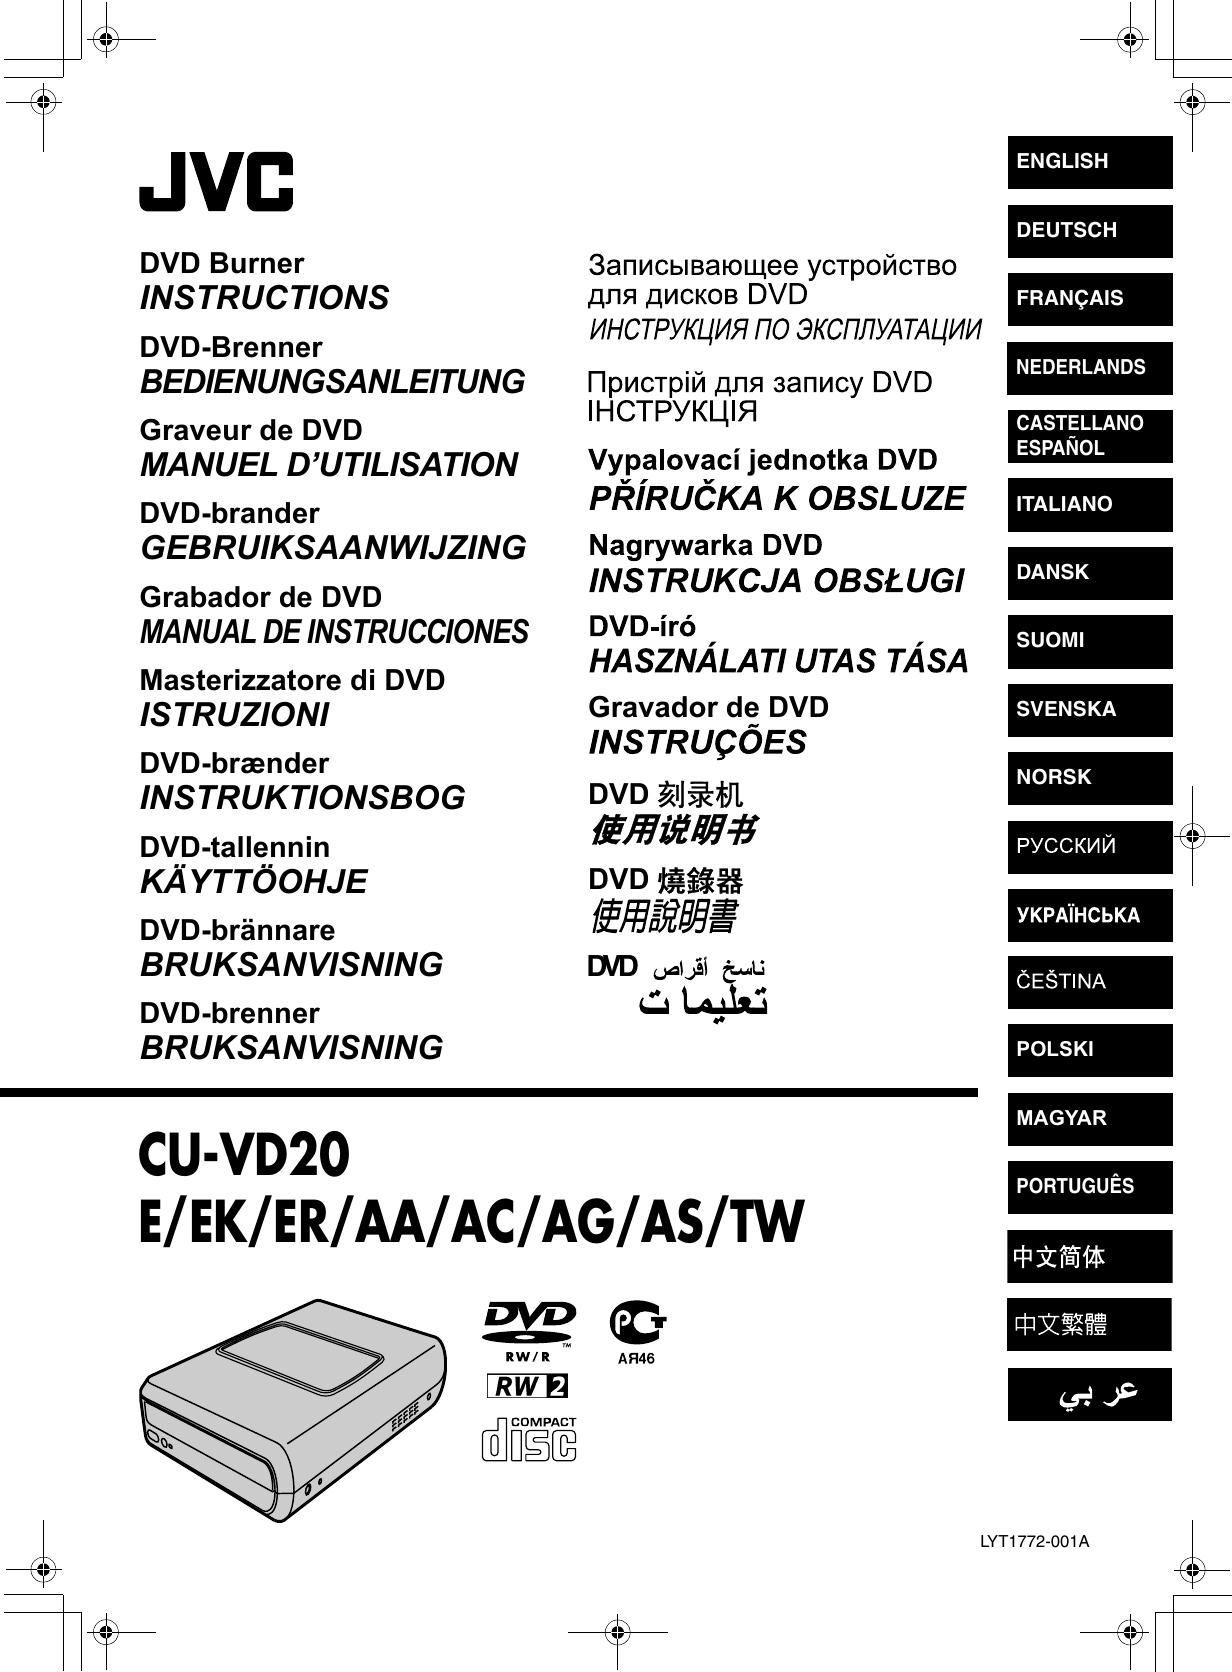 Jvc Cu Vd20 Users Manual Vd20eekeraaacagastw